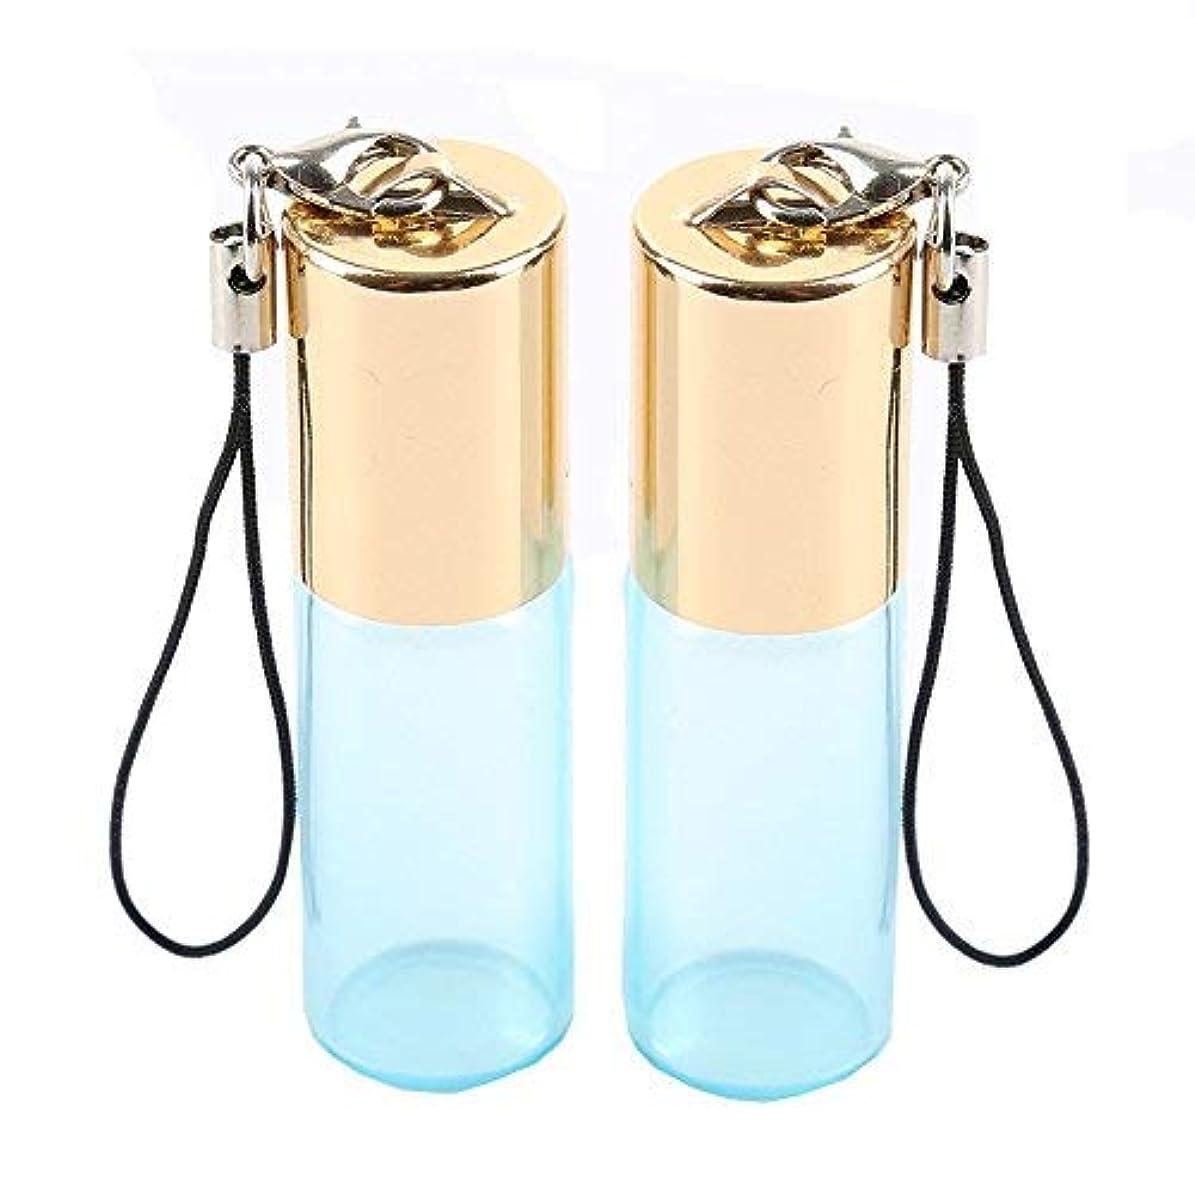 集まるエイリアン眼Empty Roller Bottles - Pack of 12 5ml Pearl Colored Glass Roll-on Bottles for Essential Oil Container with Golden...